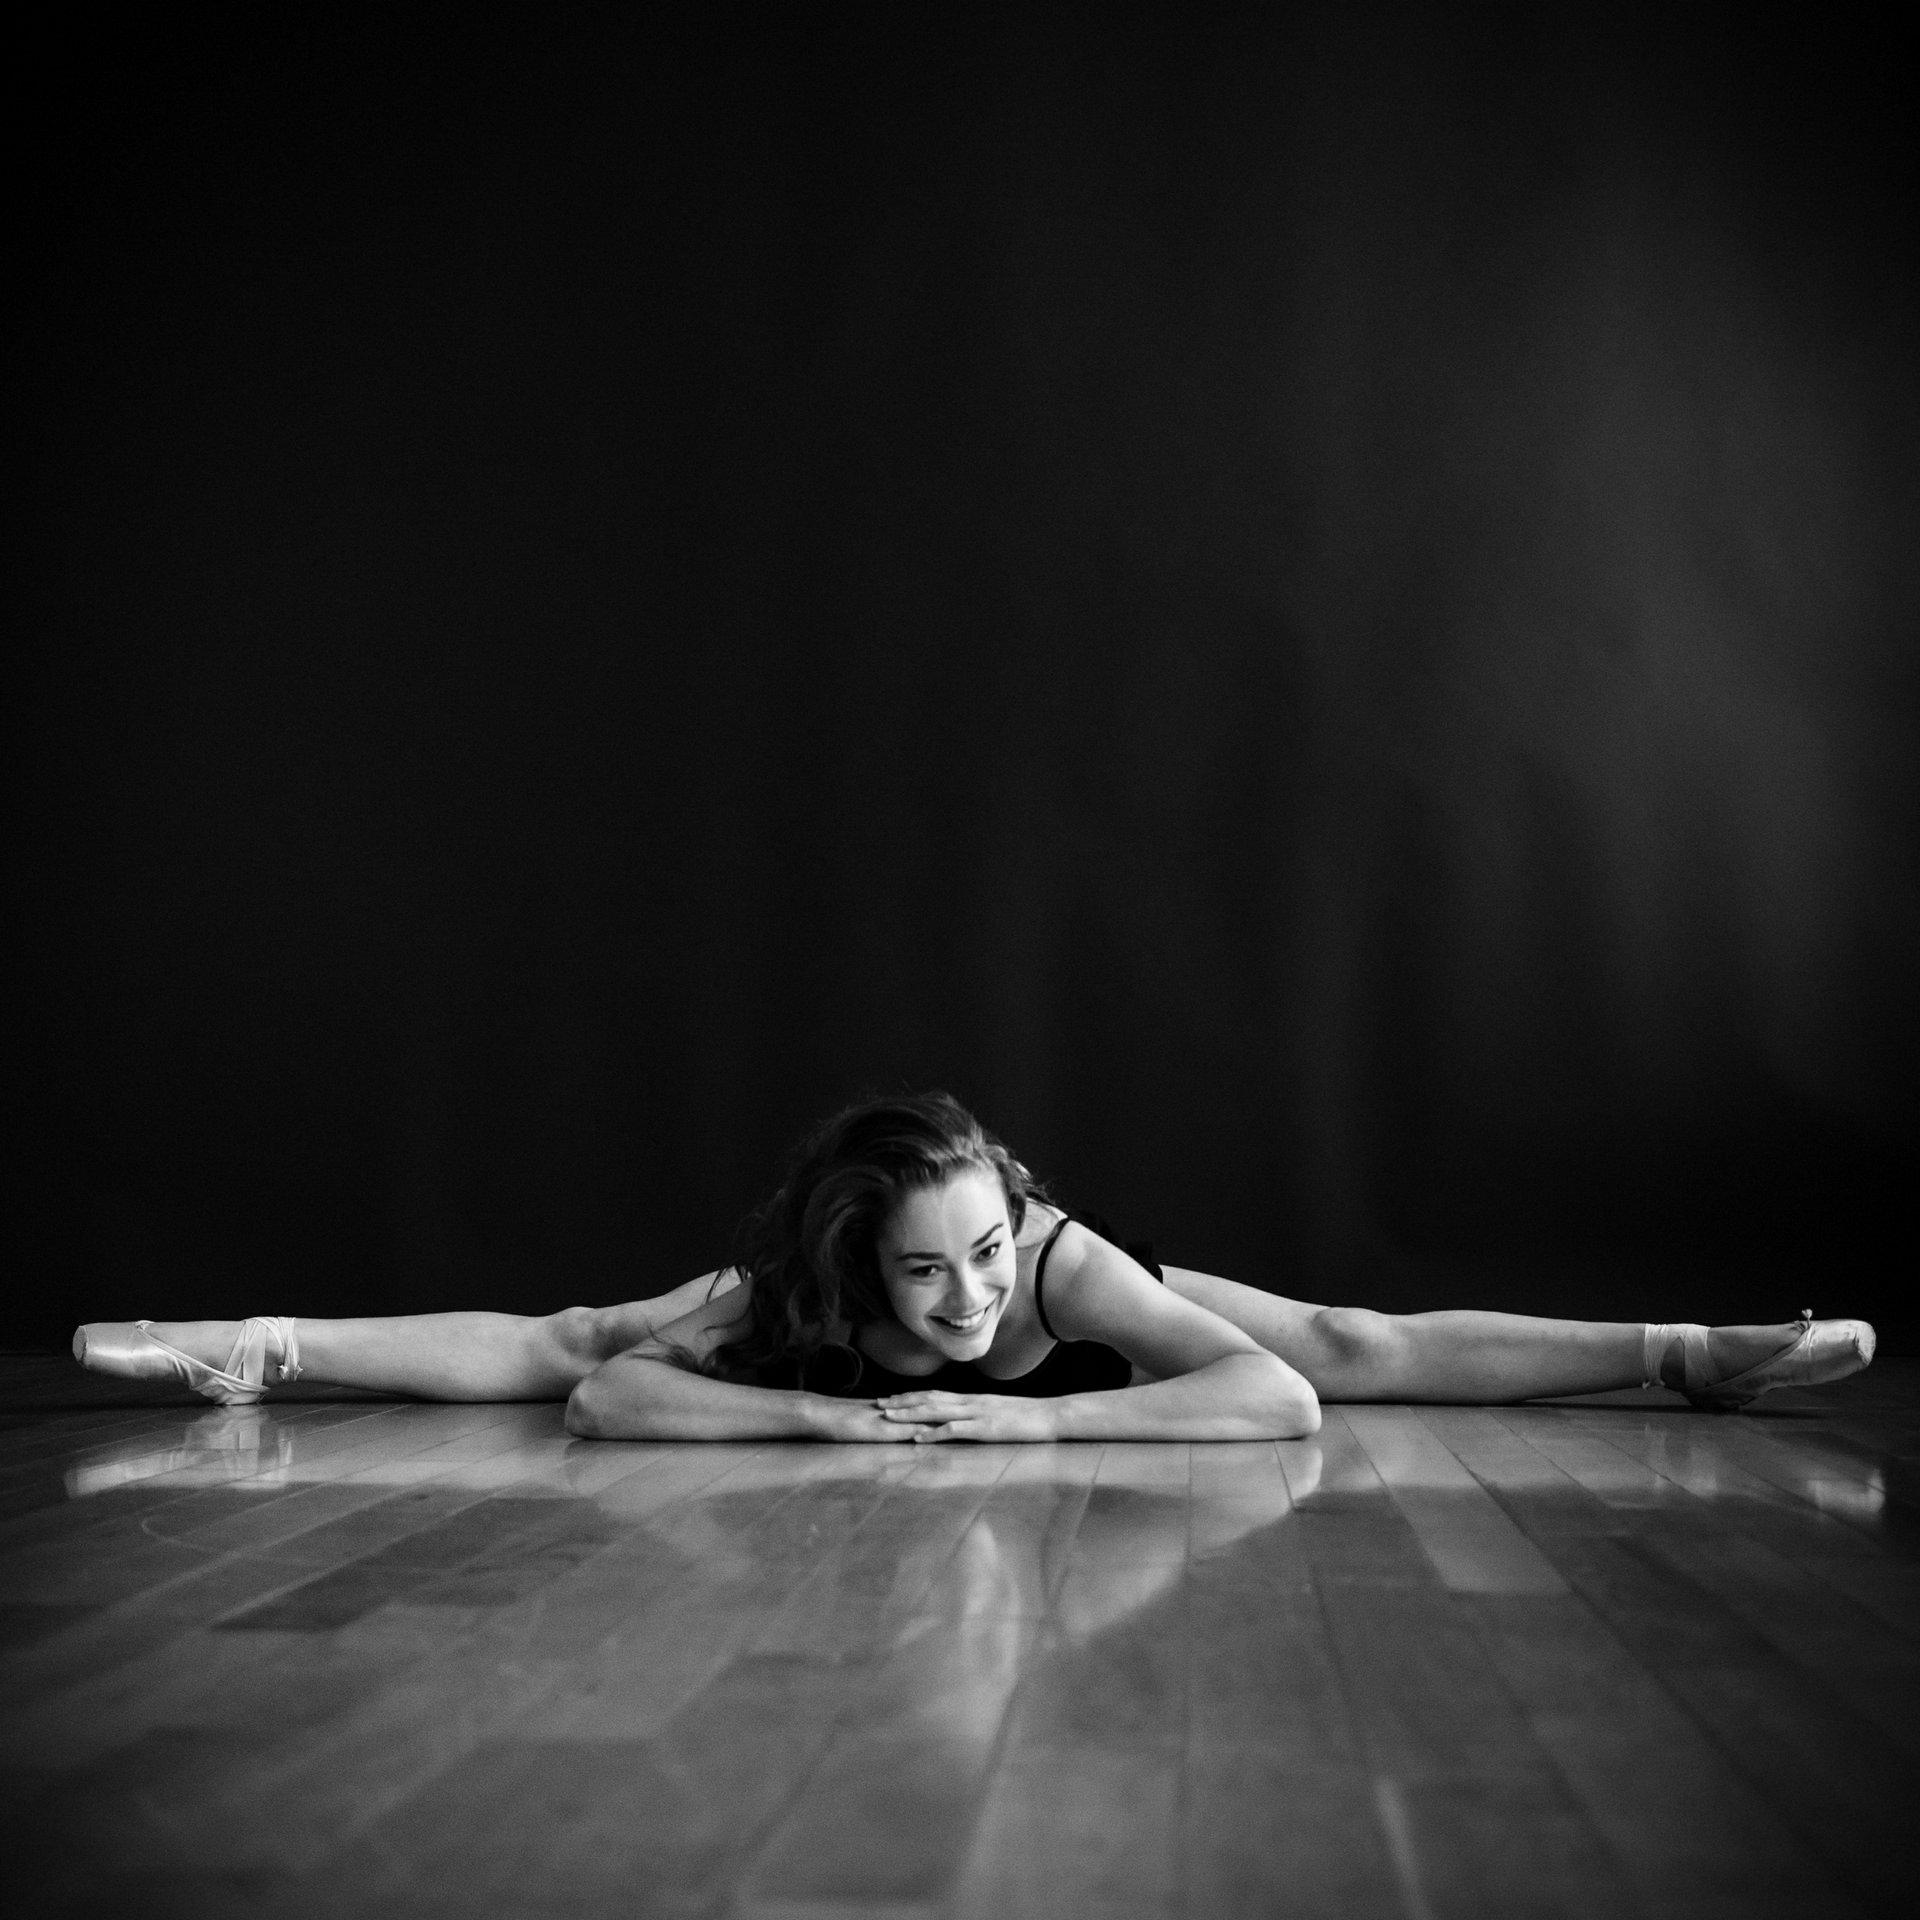 nEO_IMG_Marissa Dance-11-BW.jpg